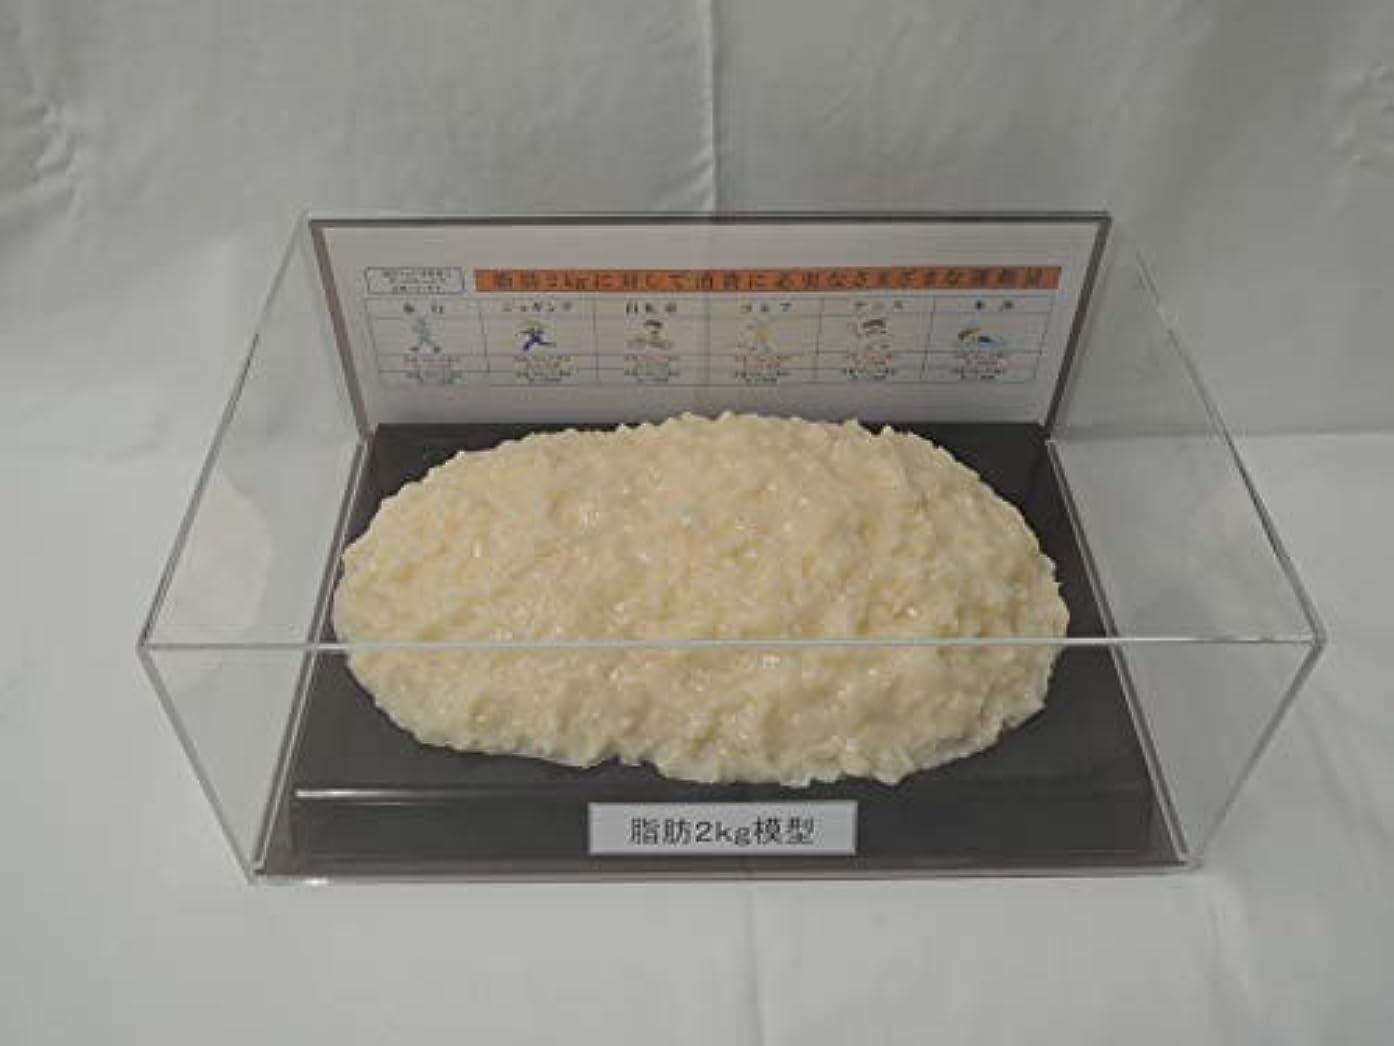 多様性代表団法廷脂肪模型 フィギアケース入 2kg ダイエット 健康 肥満 トレーニング フードモデル 食品サンプル